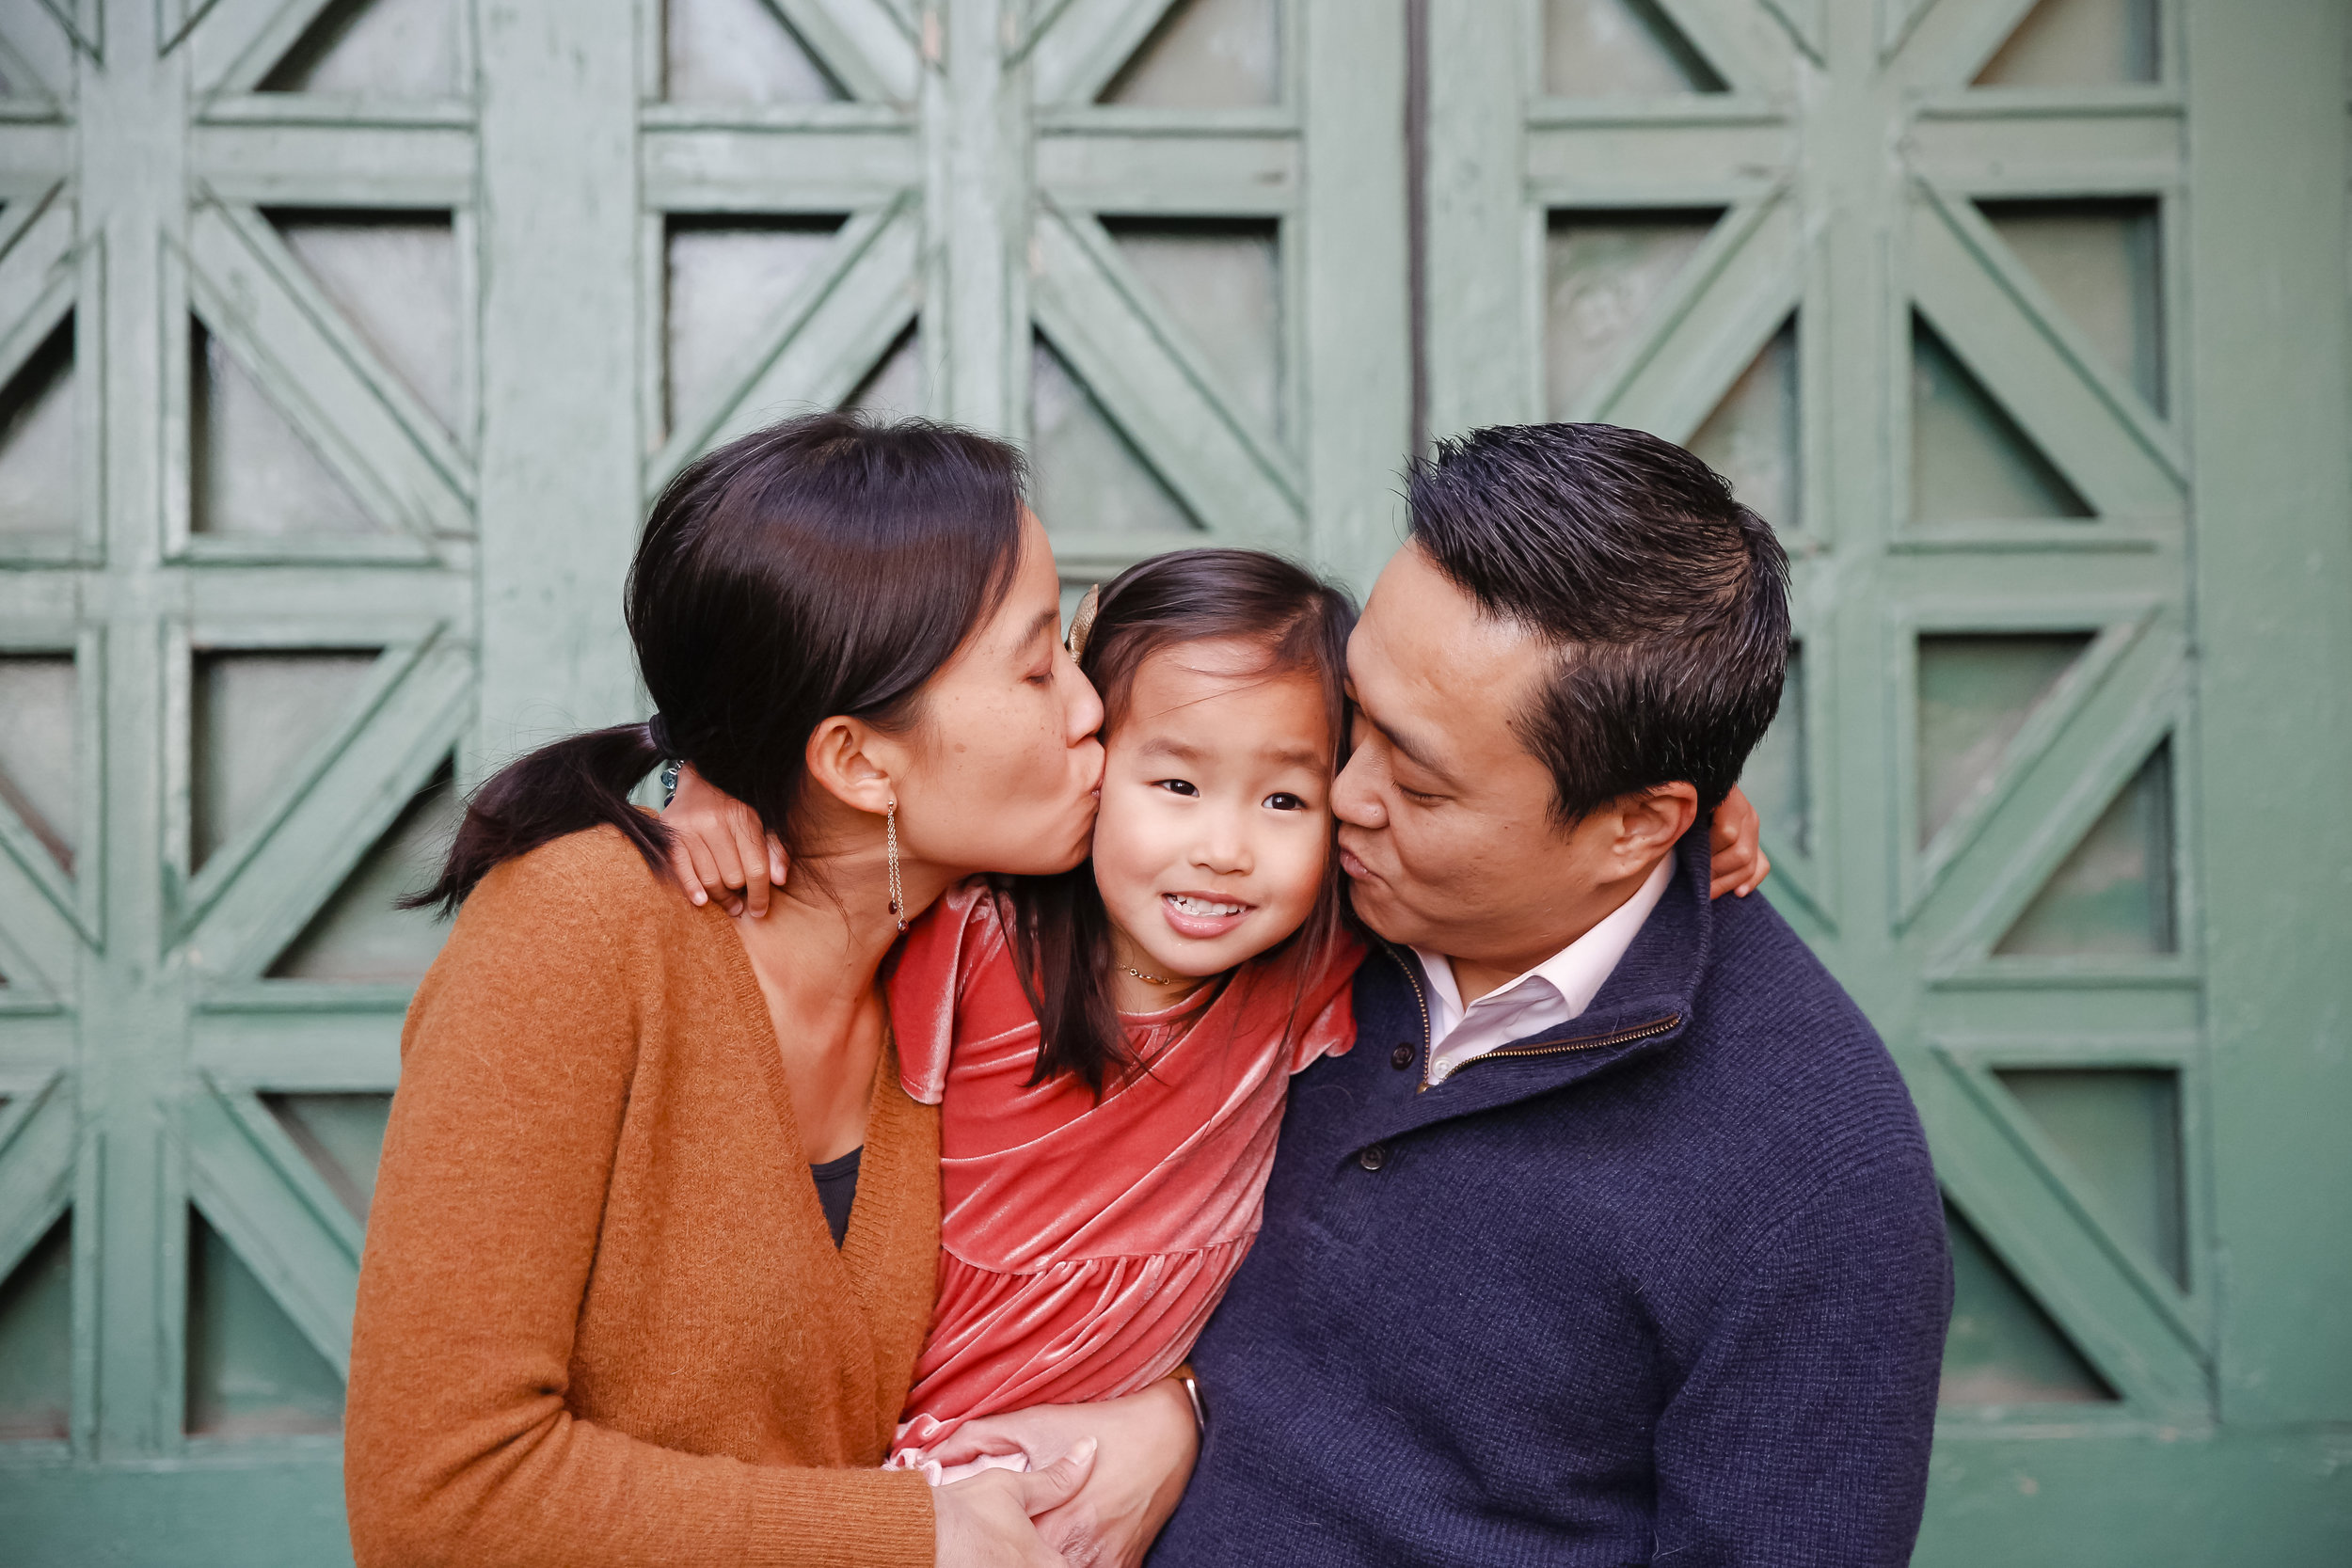 linfamily-ahp-00180.jpg